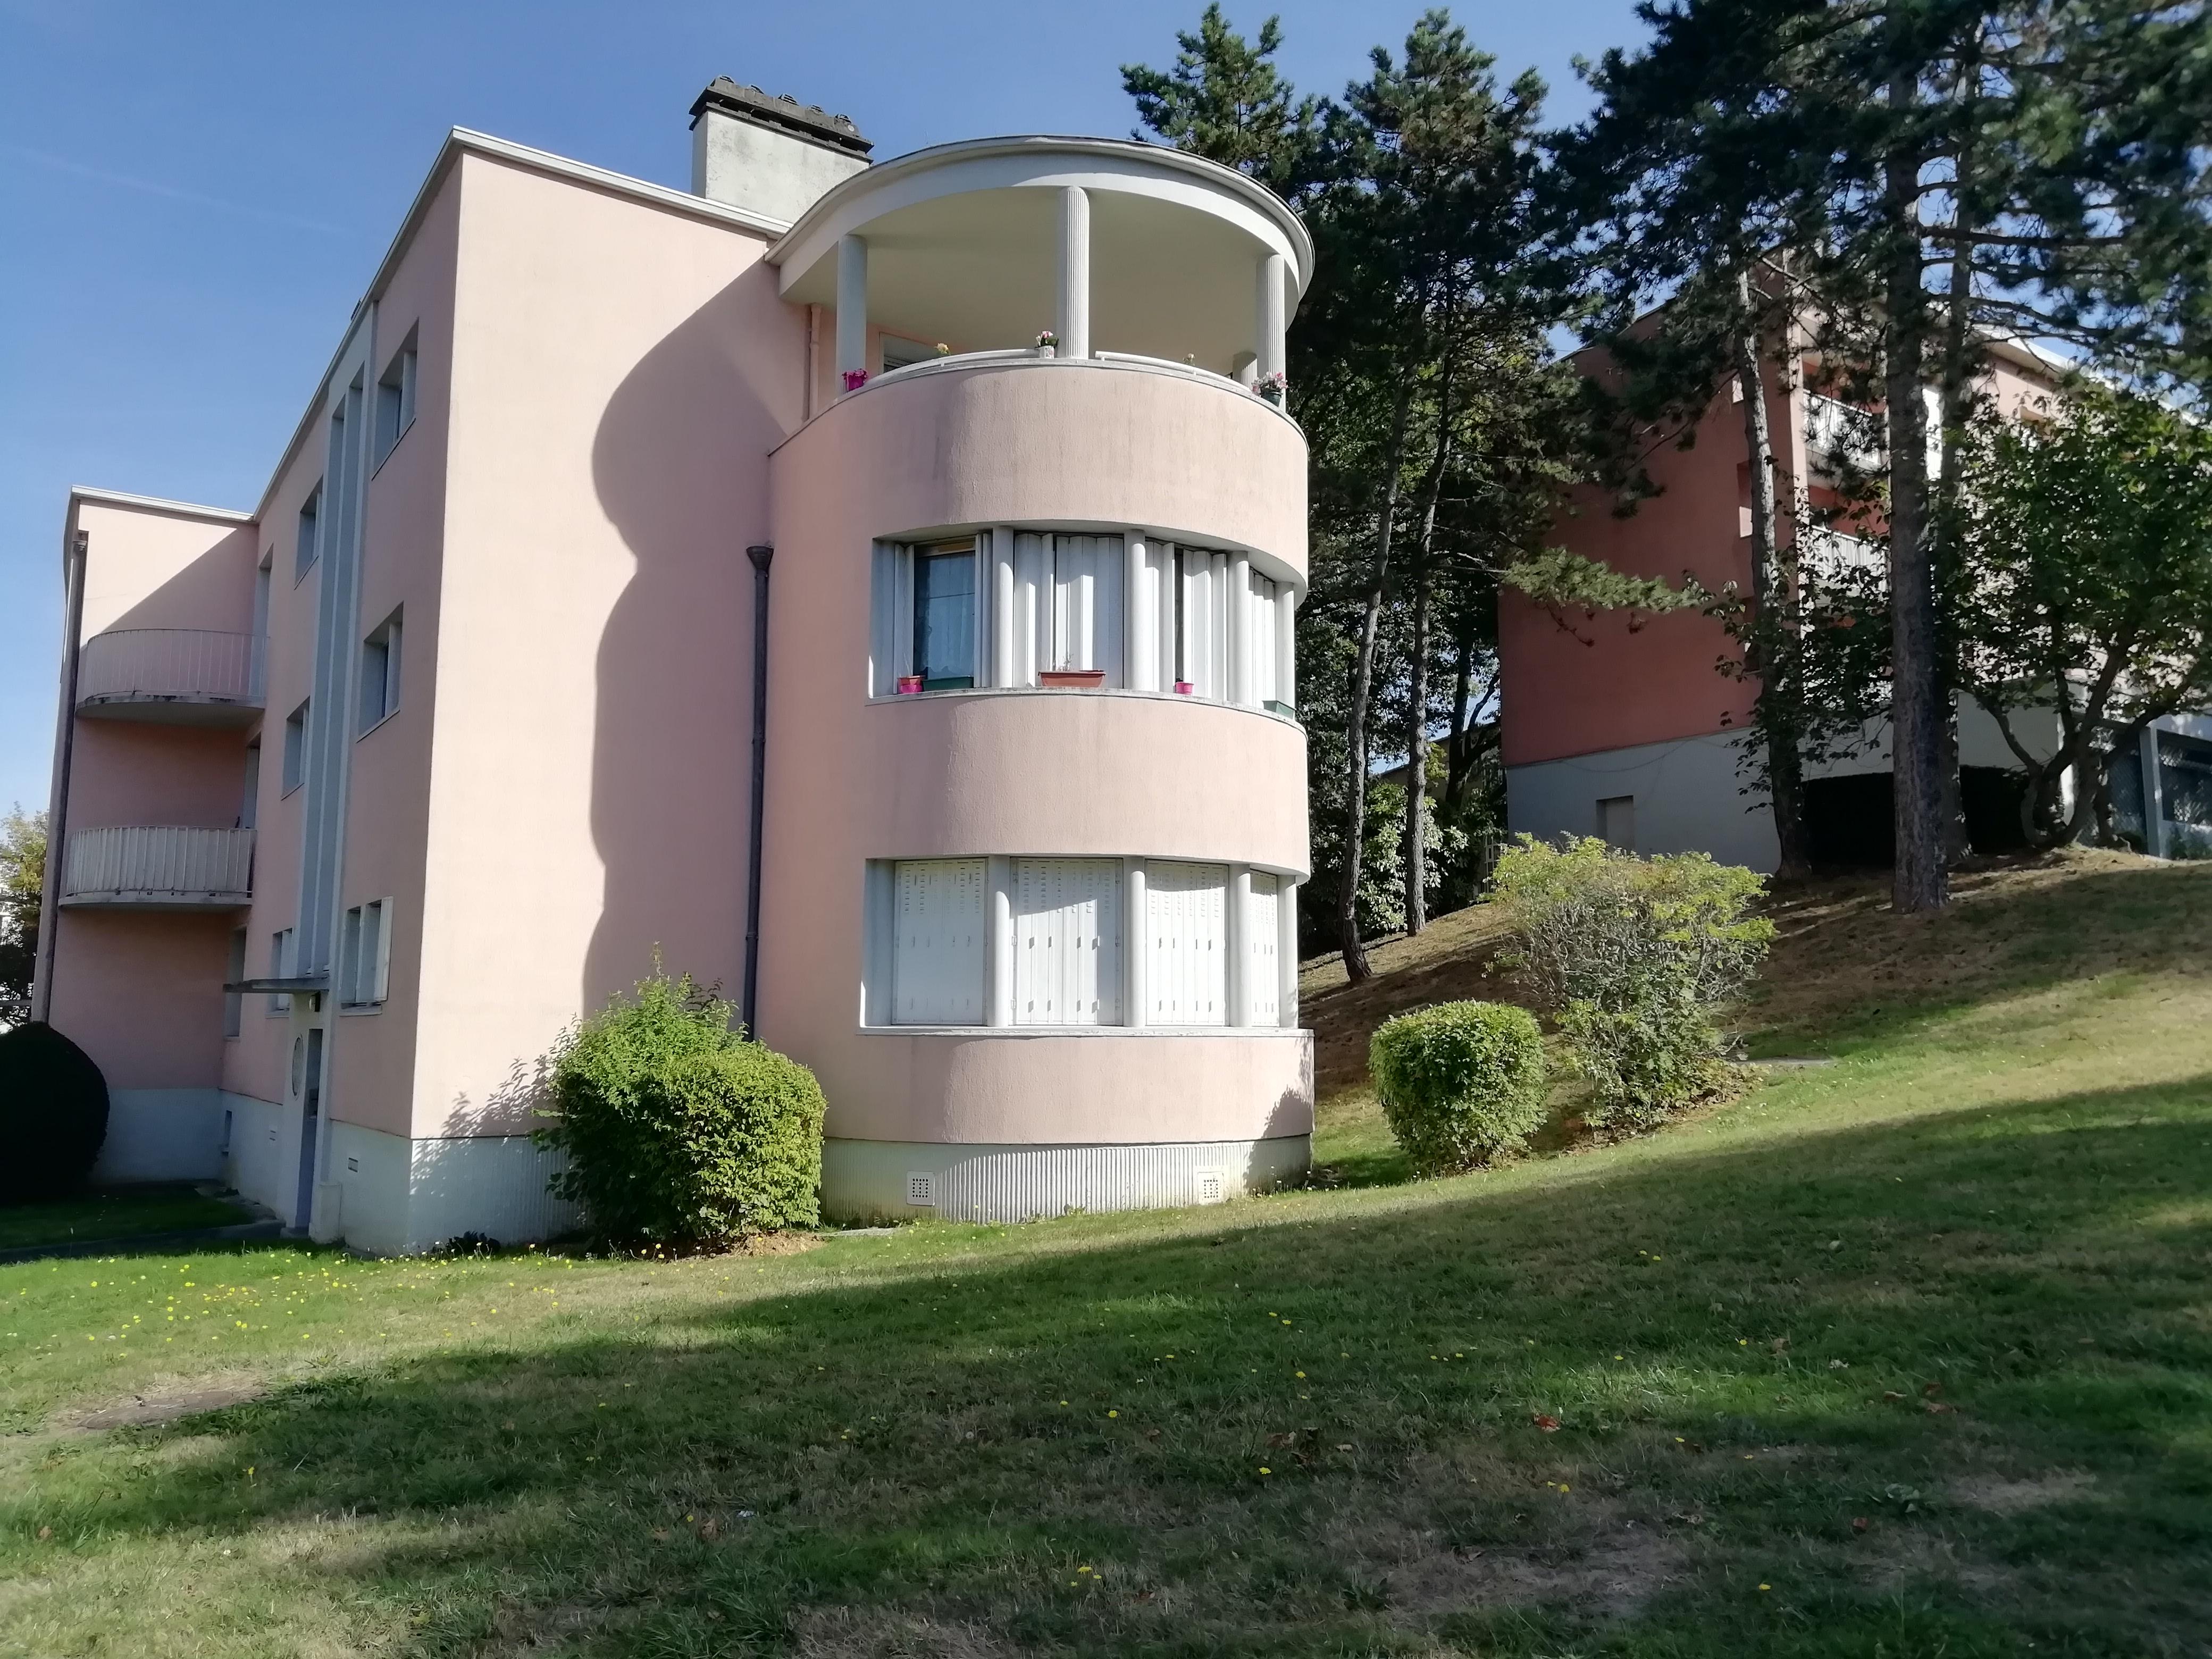 Cité-jardins de la Butte-Rouge, Chatenay-Malabry - immeubles